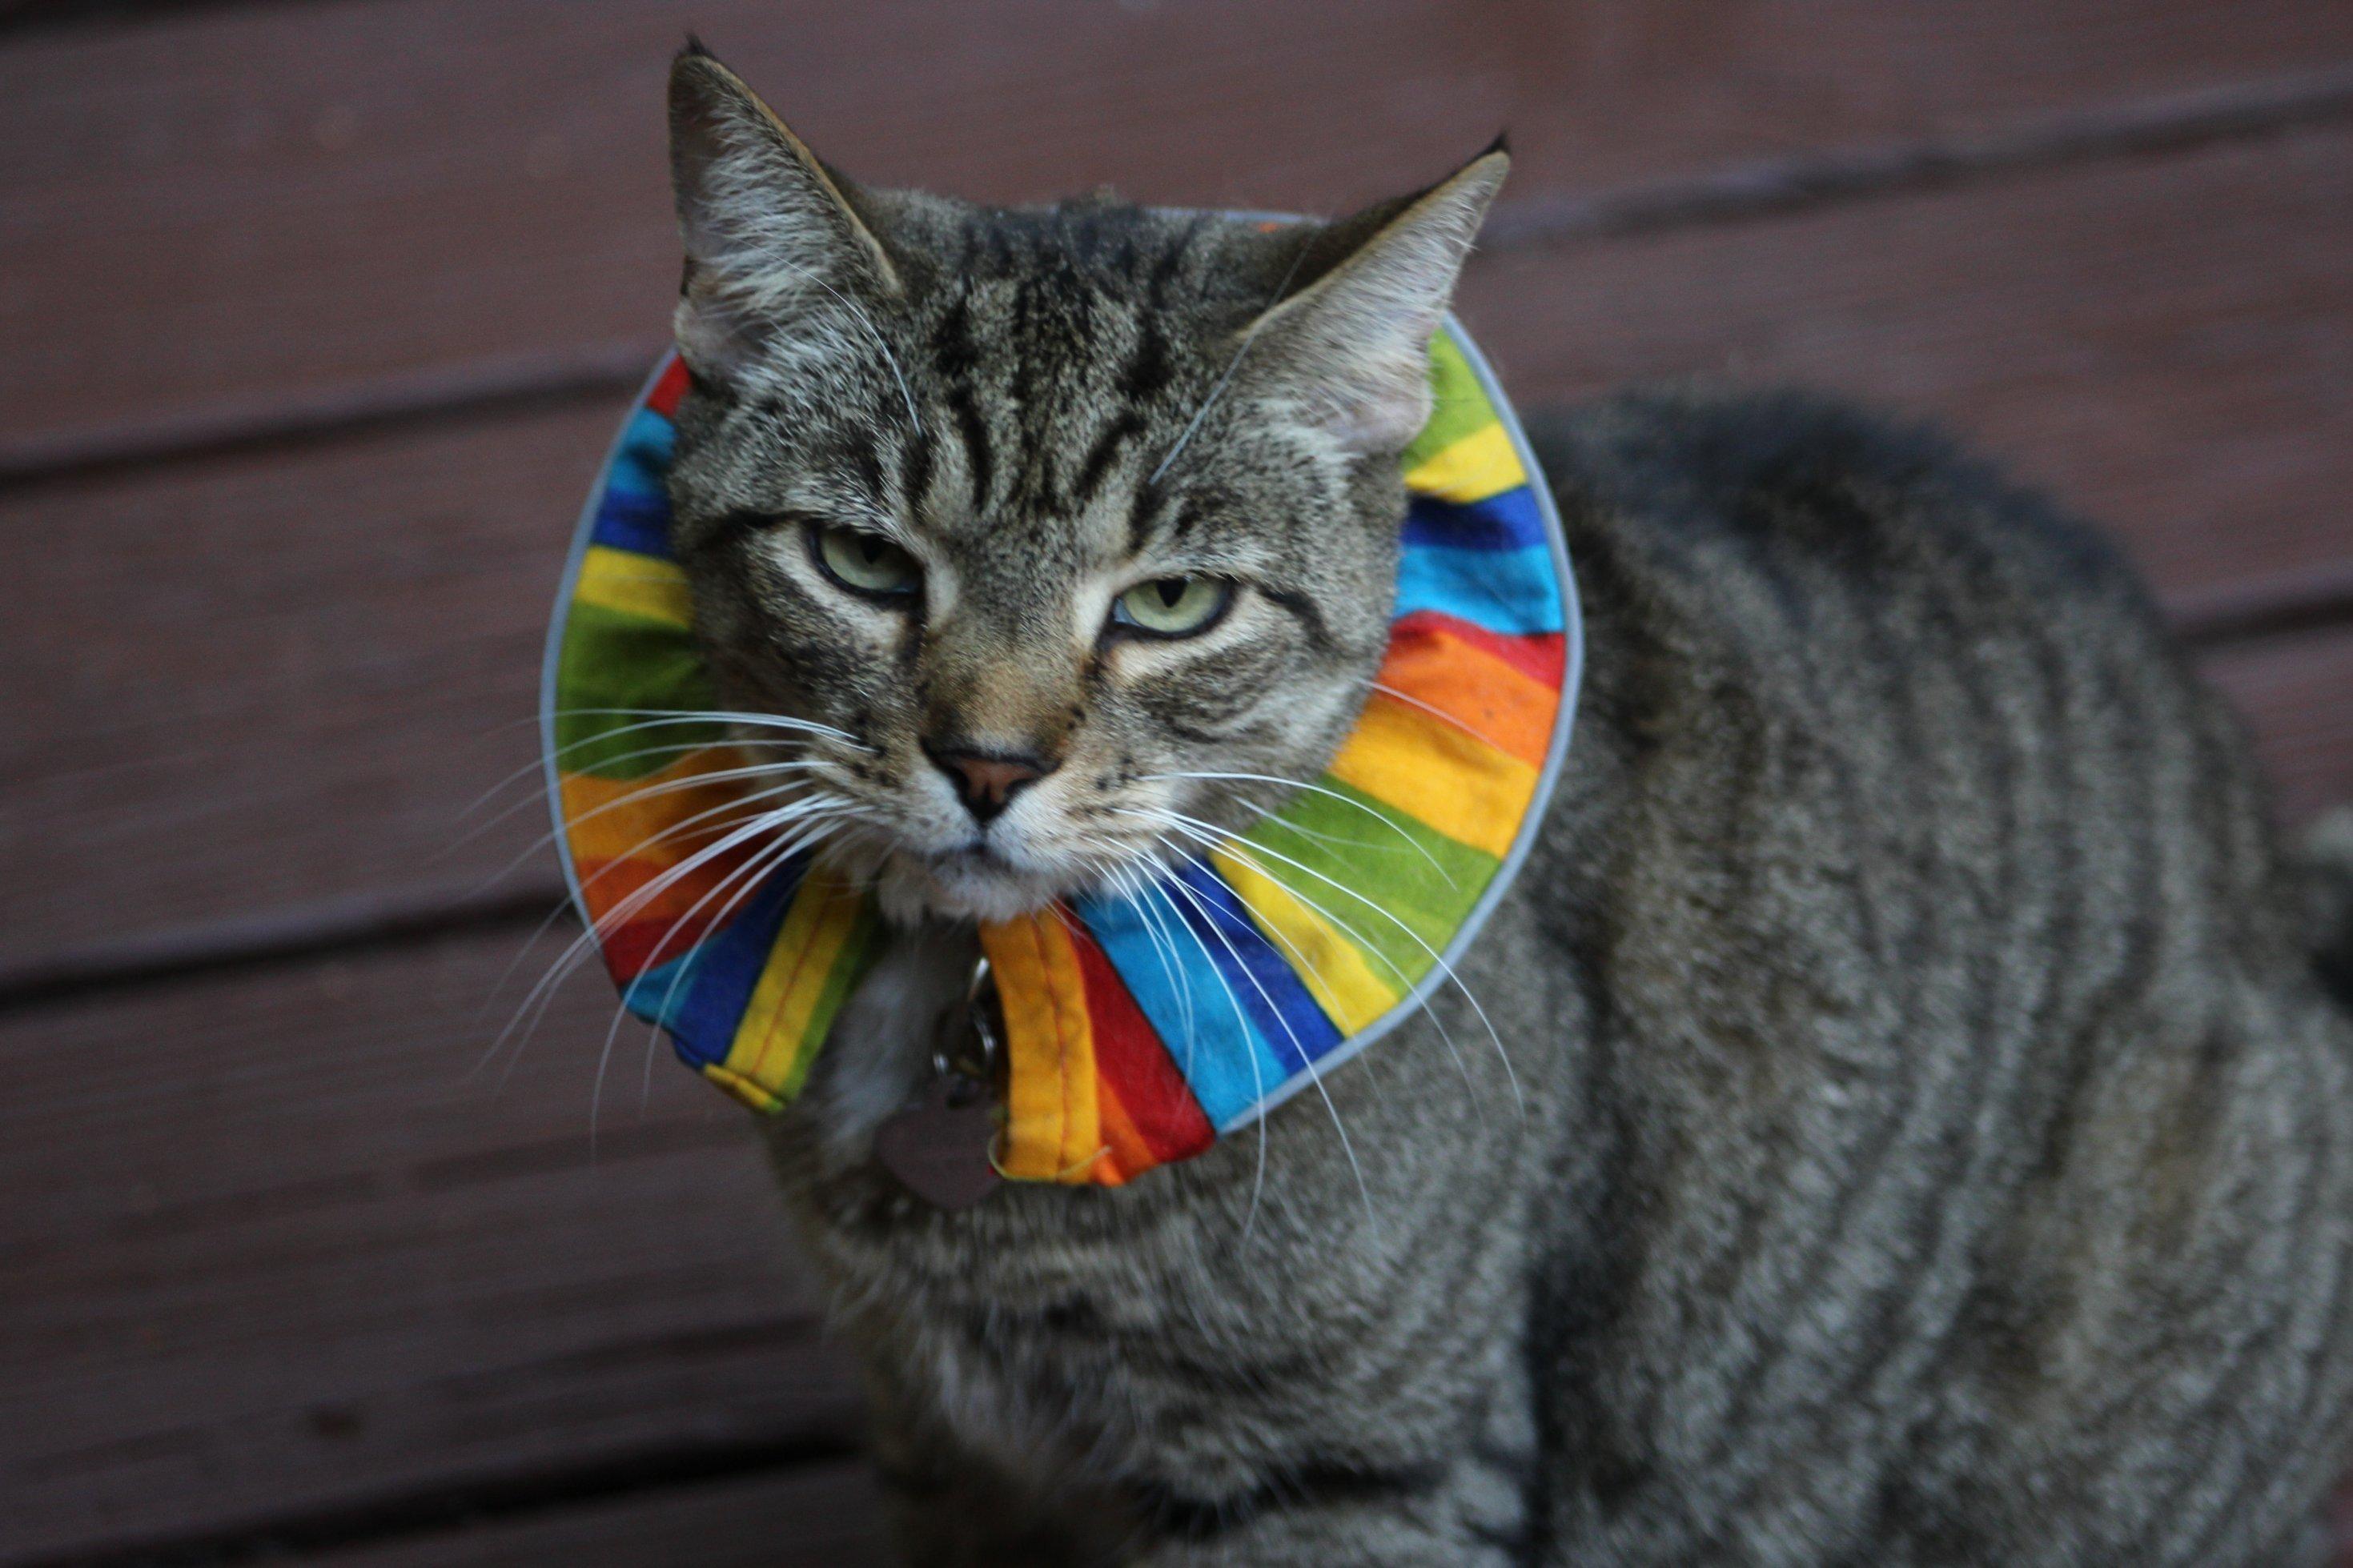 Eine ziemlich bedröppelt guckende Katze, die einen breiten Kragen in knallbunten Regenbogenfarben um den Hals trägt